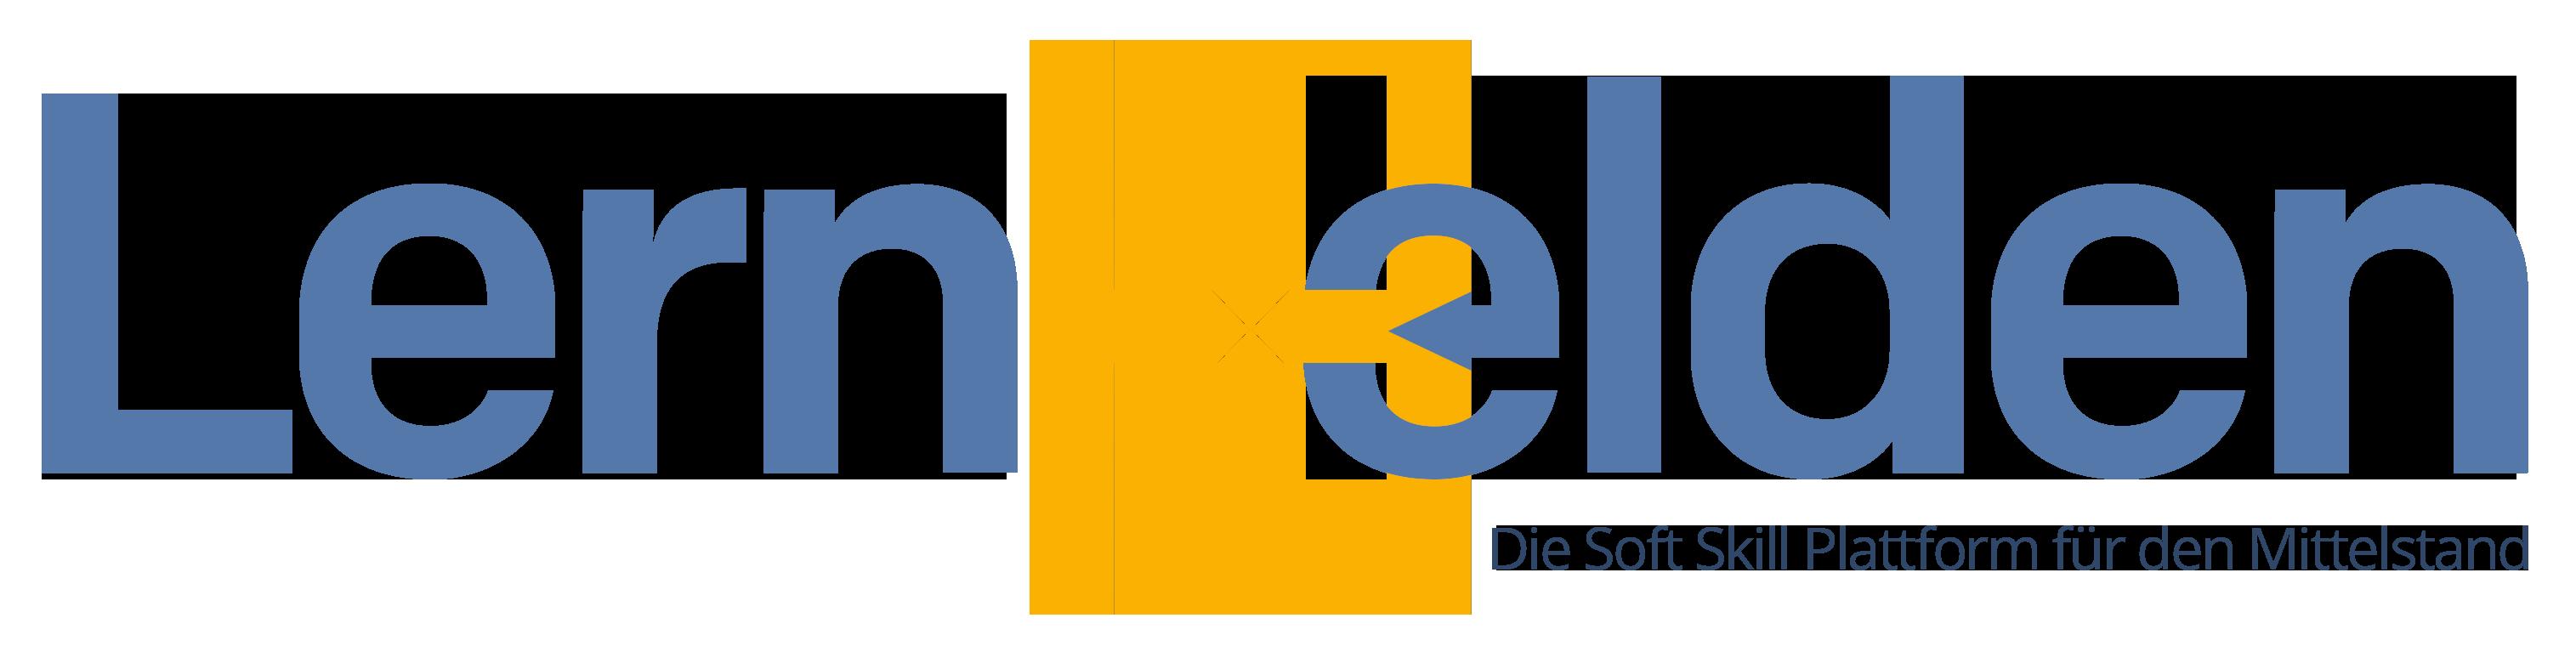 LernHelden